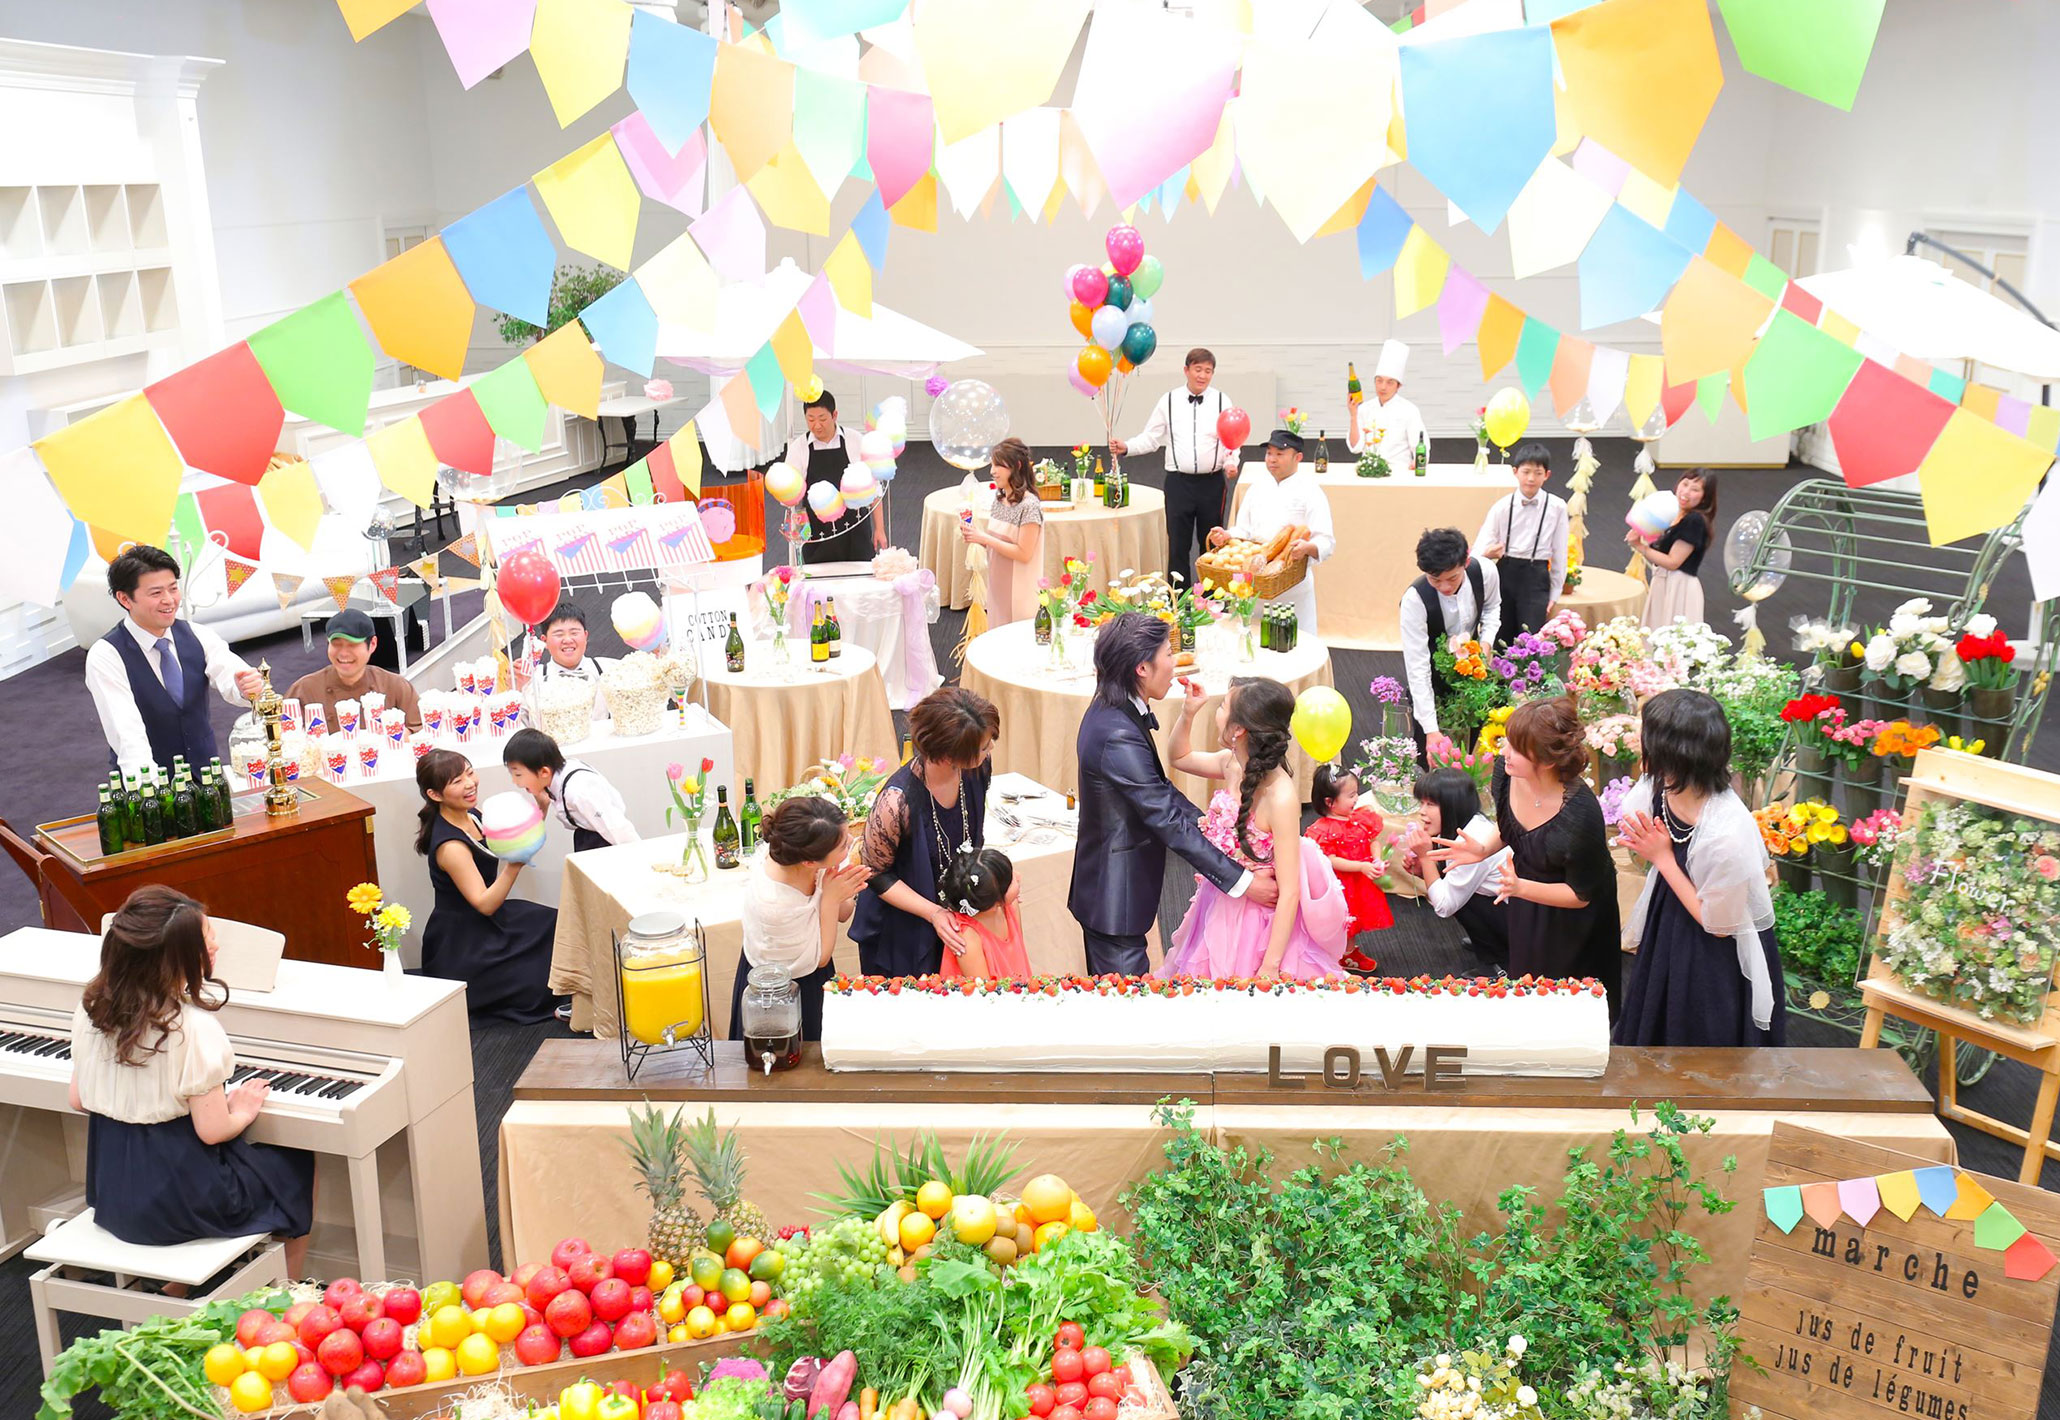 マルシェのように楽しいパーティースペースに|愛媛県松山市の結婚式場ベルフォーレ松山